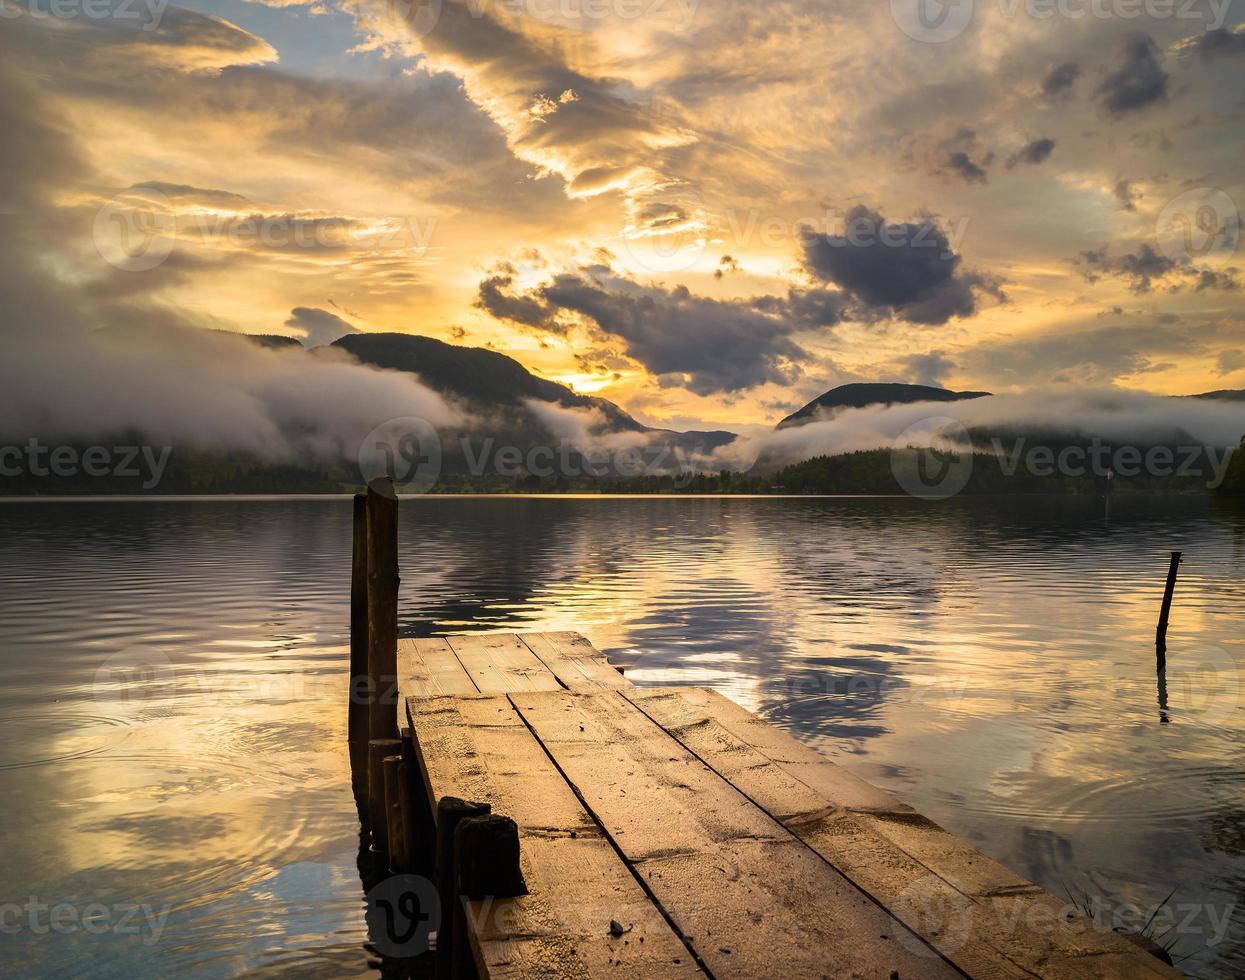 Lac alpin dans la brume, lever de soleil sur le lac de montagne, Alpes, Slovénie photo